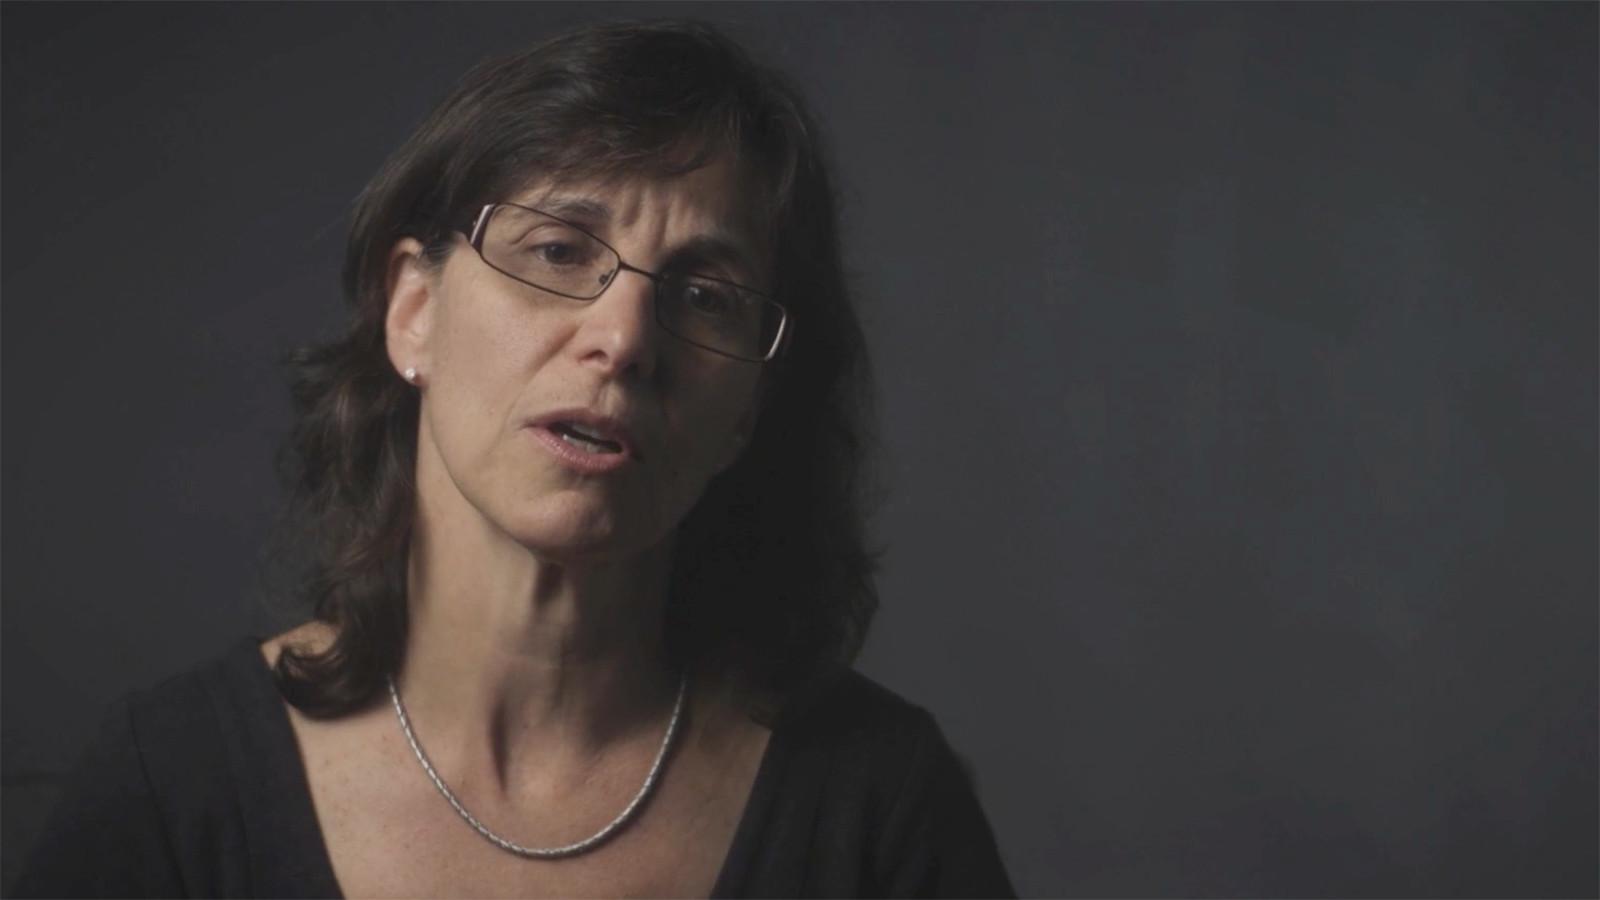 medelålders kvinnor kön videor